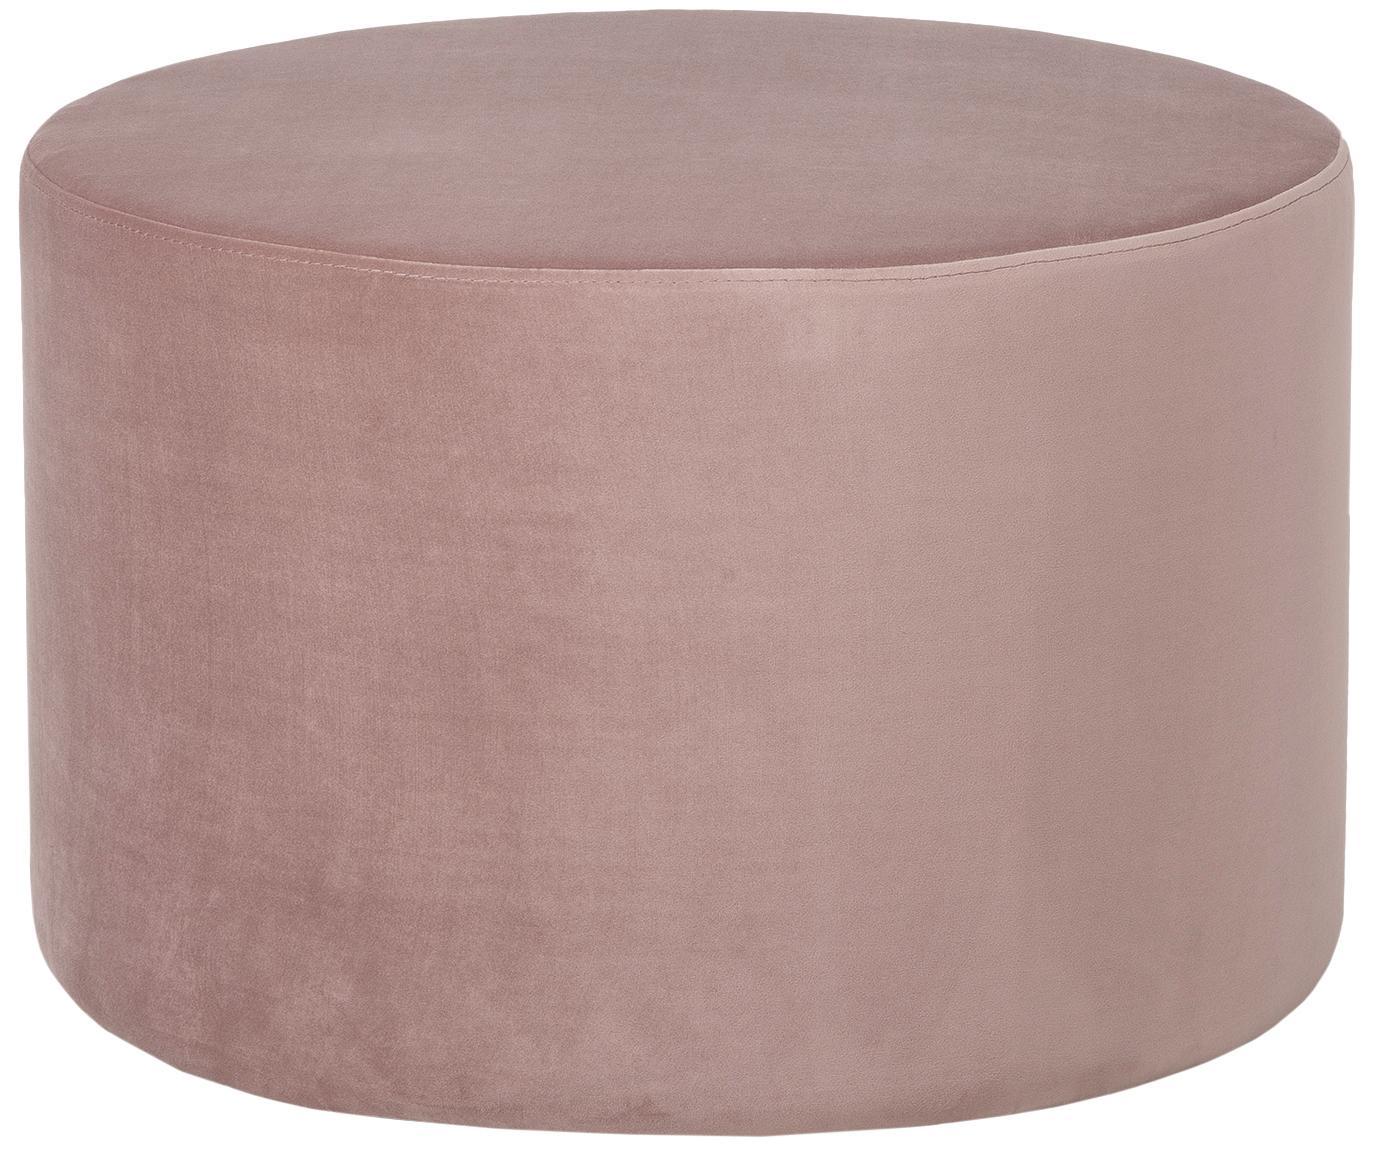 Fluwelen poef Daisy, Bekleding: fluweel (polyester), Frame: MDF, Roze, Ø 60 cm